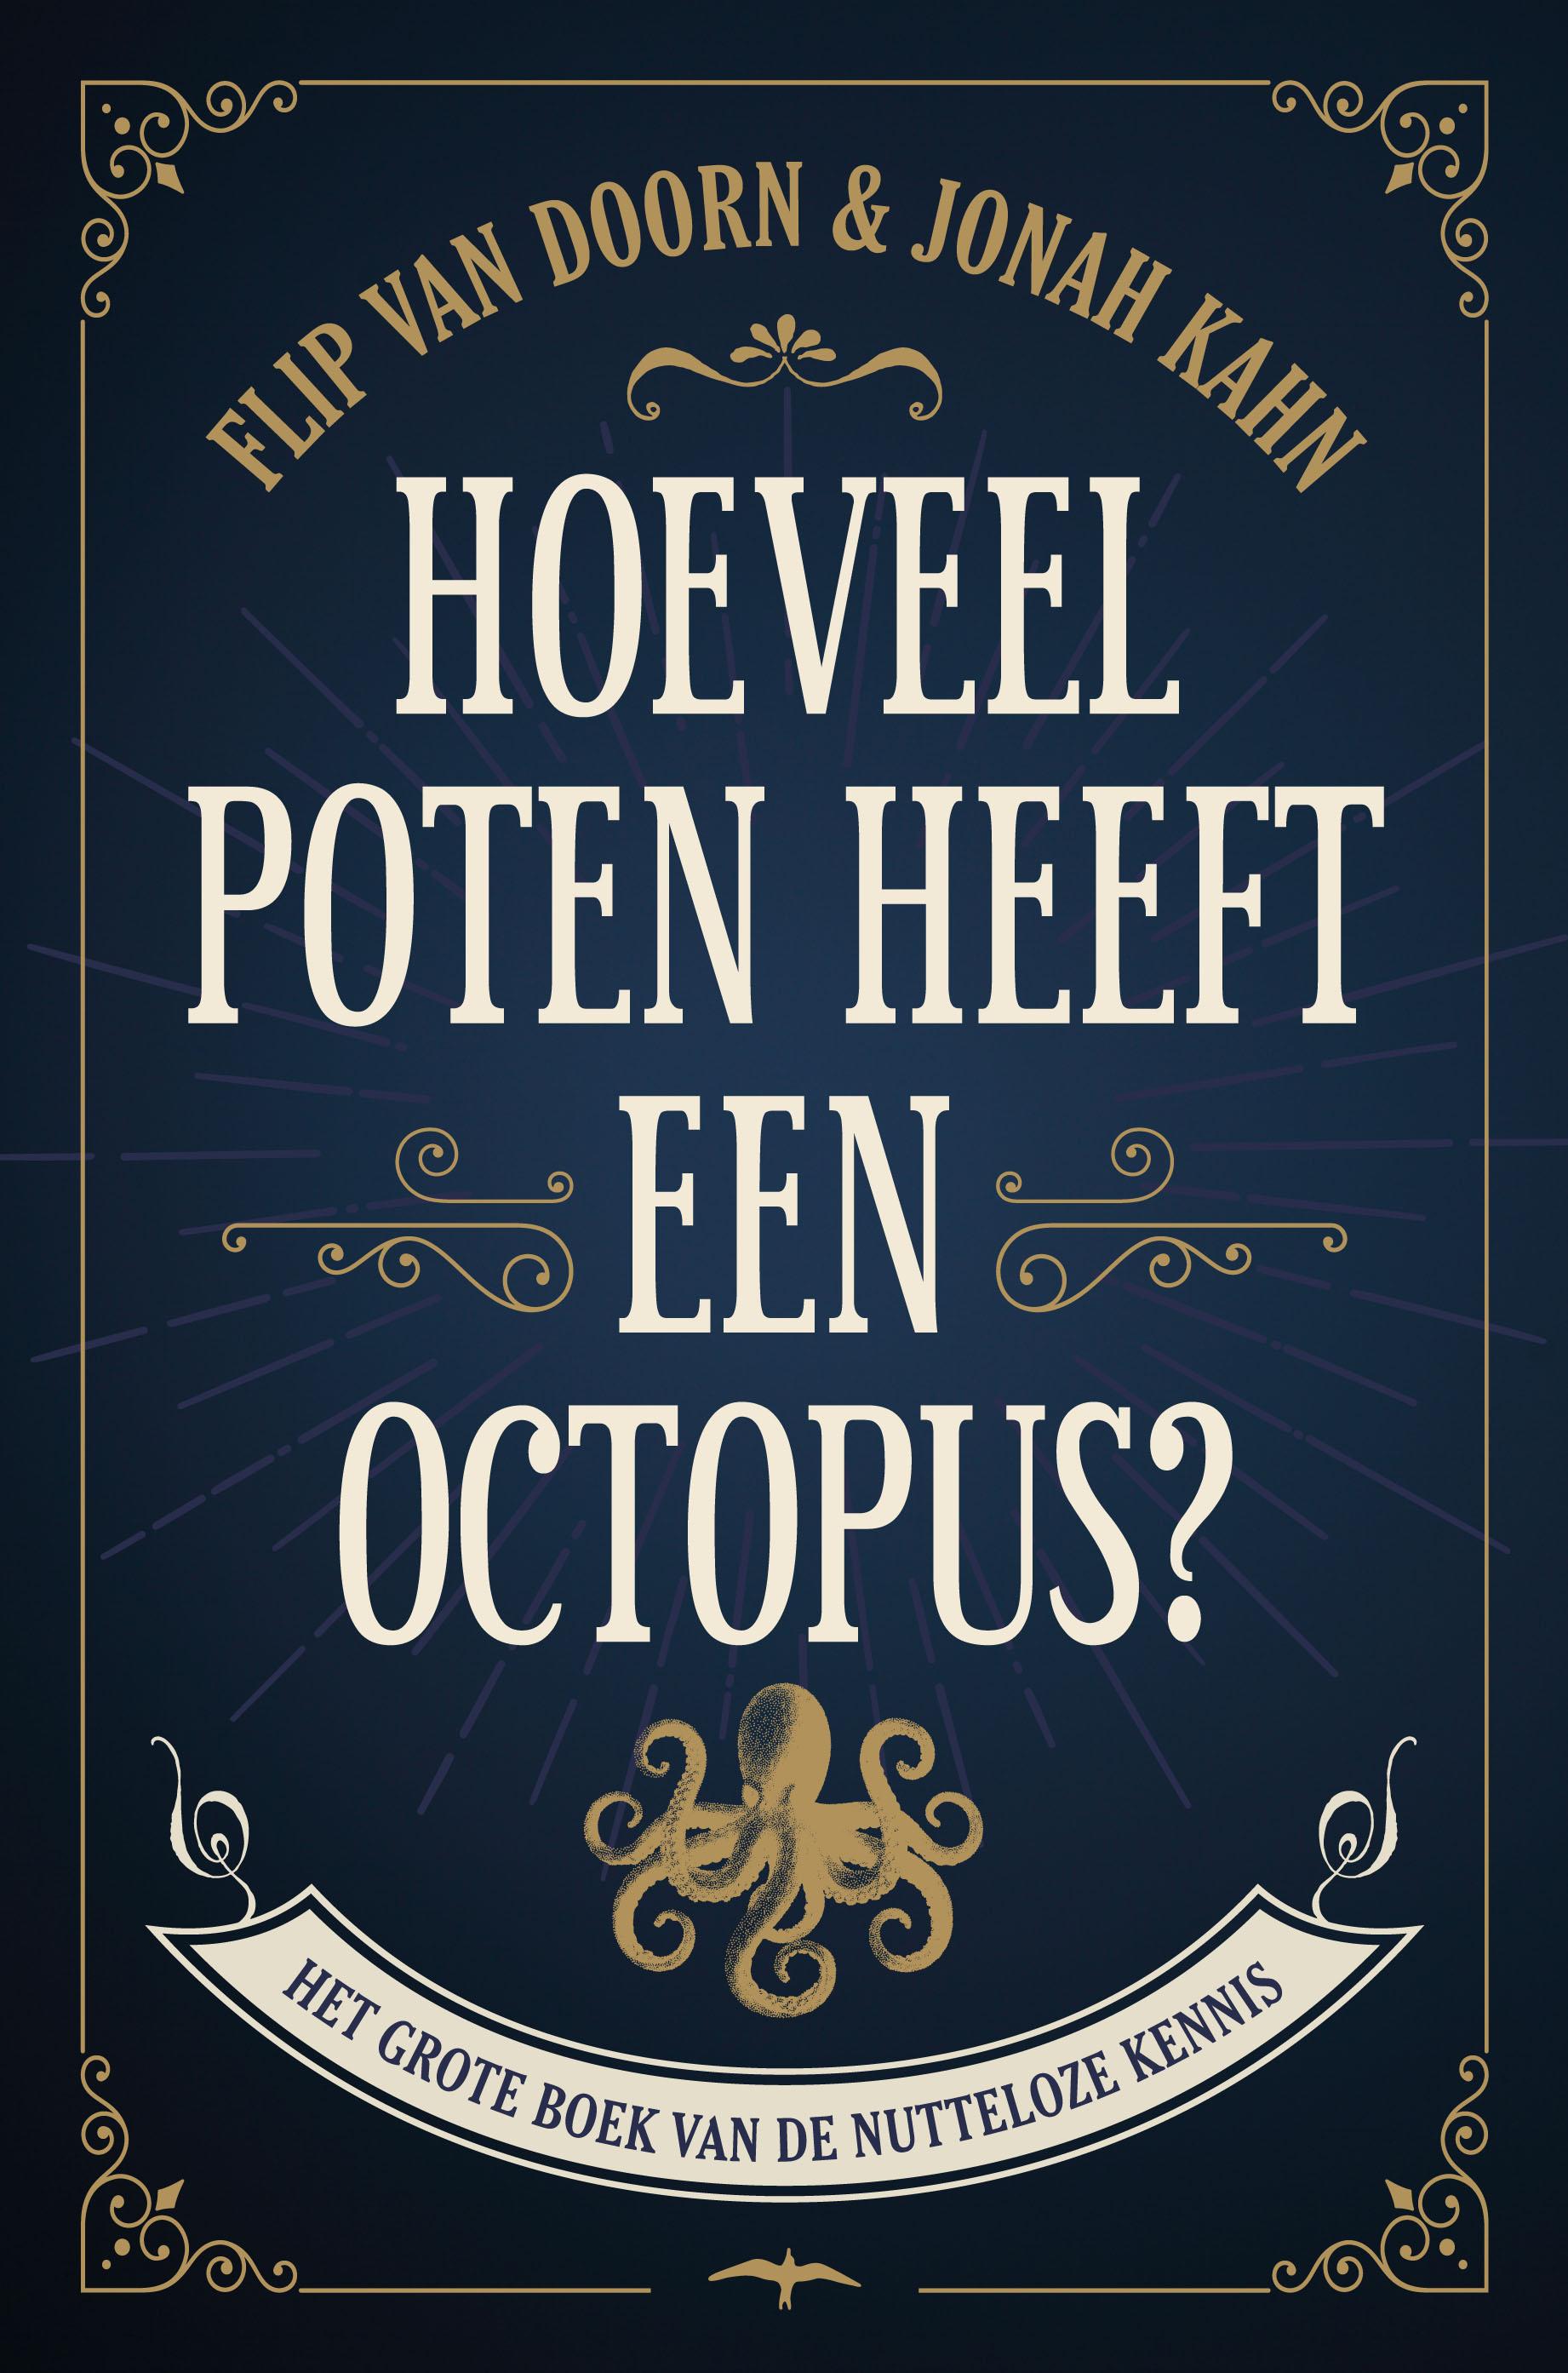 Hoeveel poten heeft een octopus - boekenflits.nl